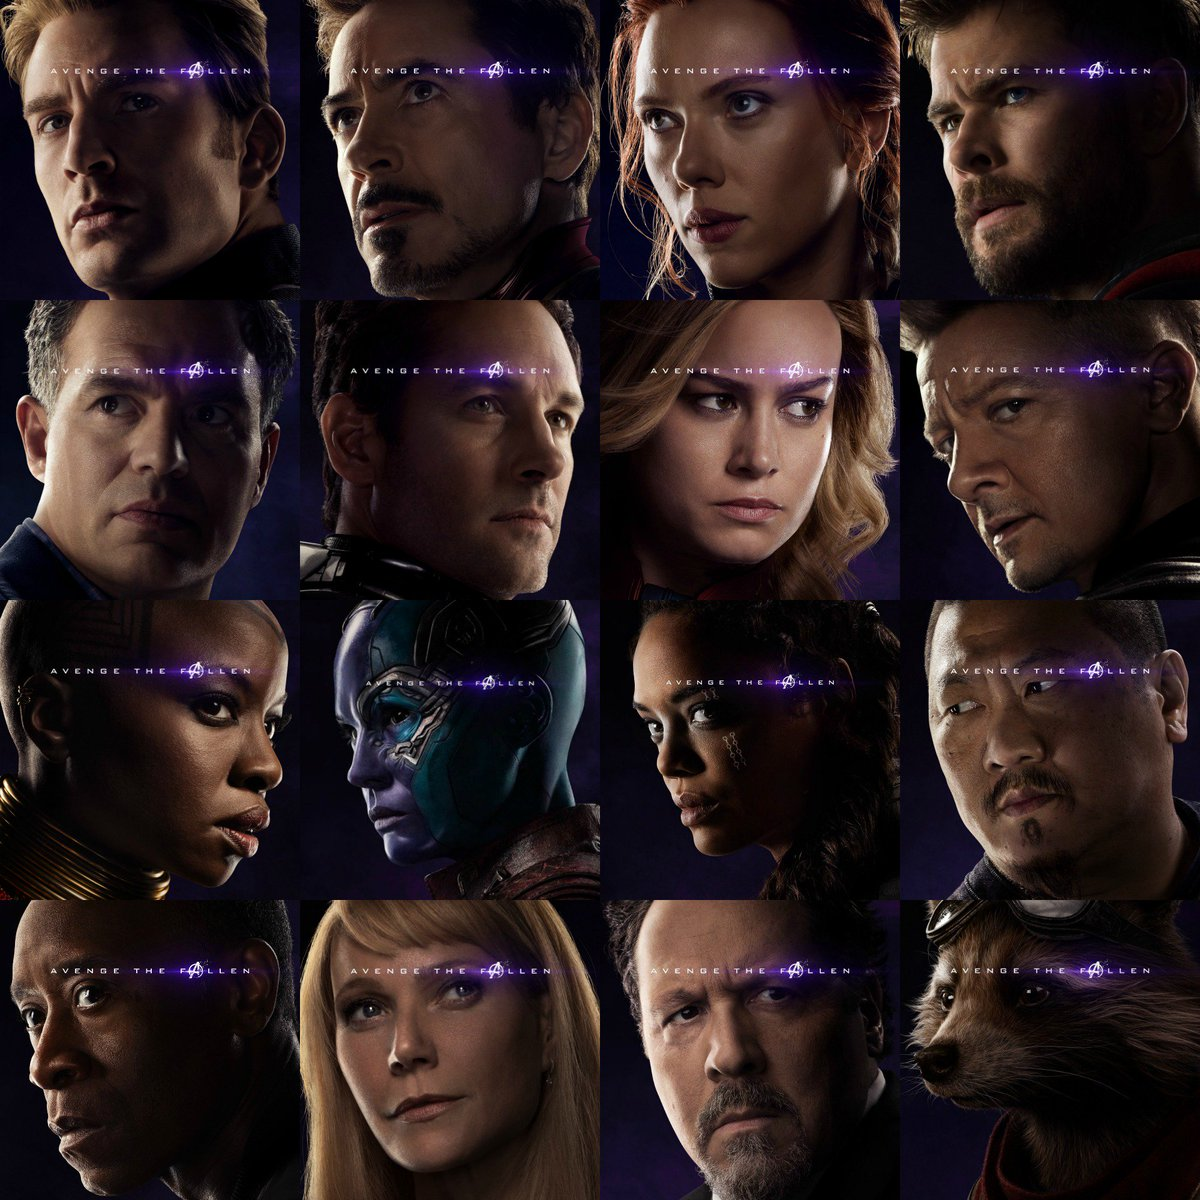 #AvengeTheFallen The Avengers (left) The Fallen (right) #AvengersEndgame 4.26.2019